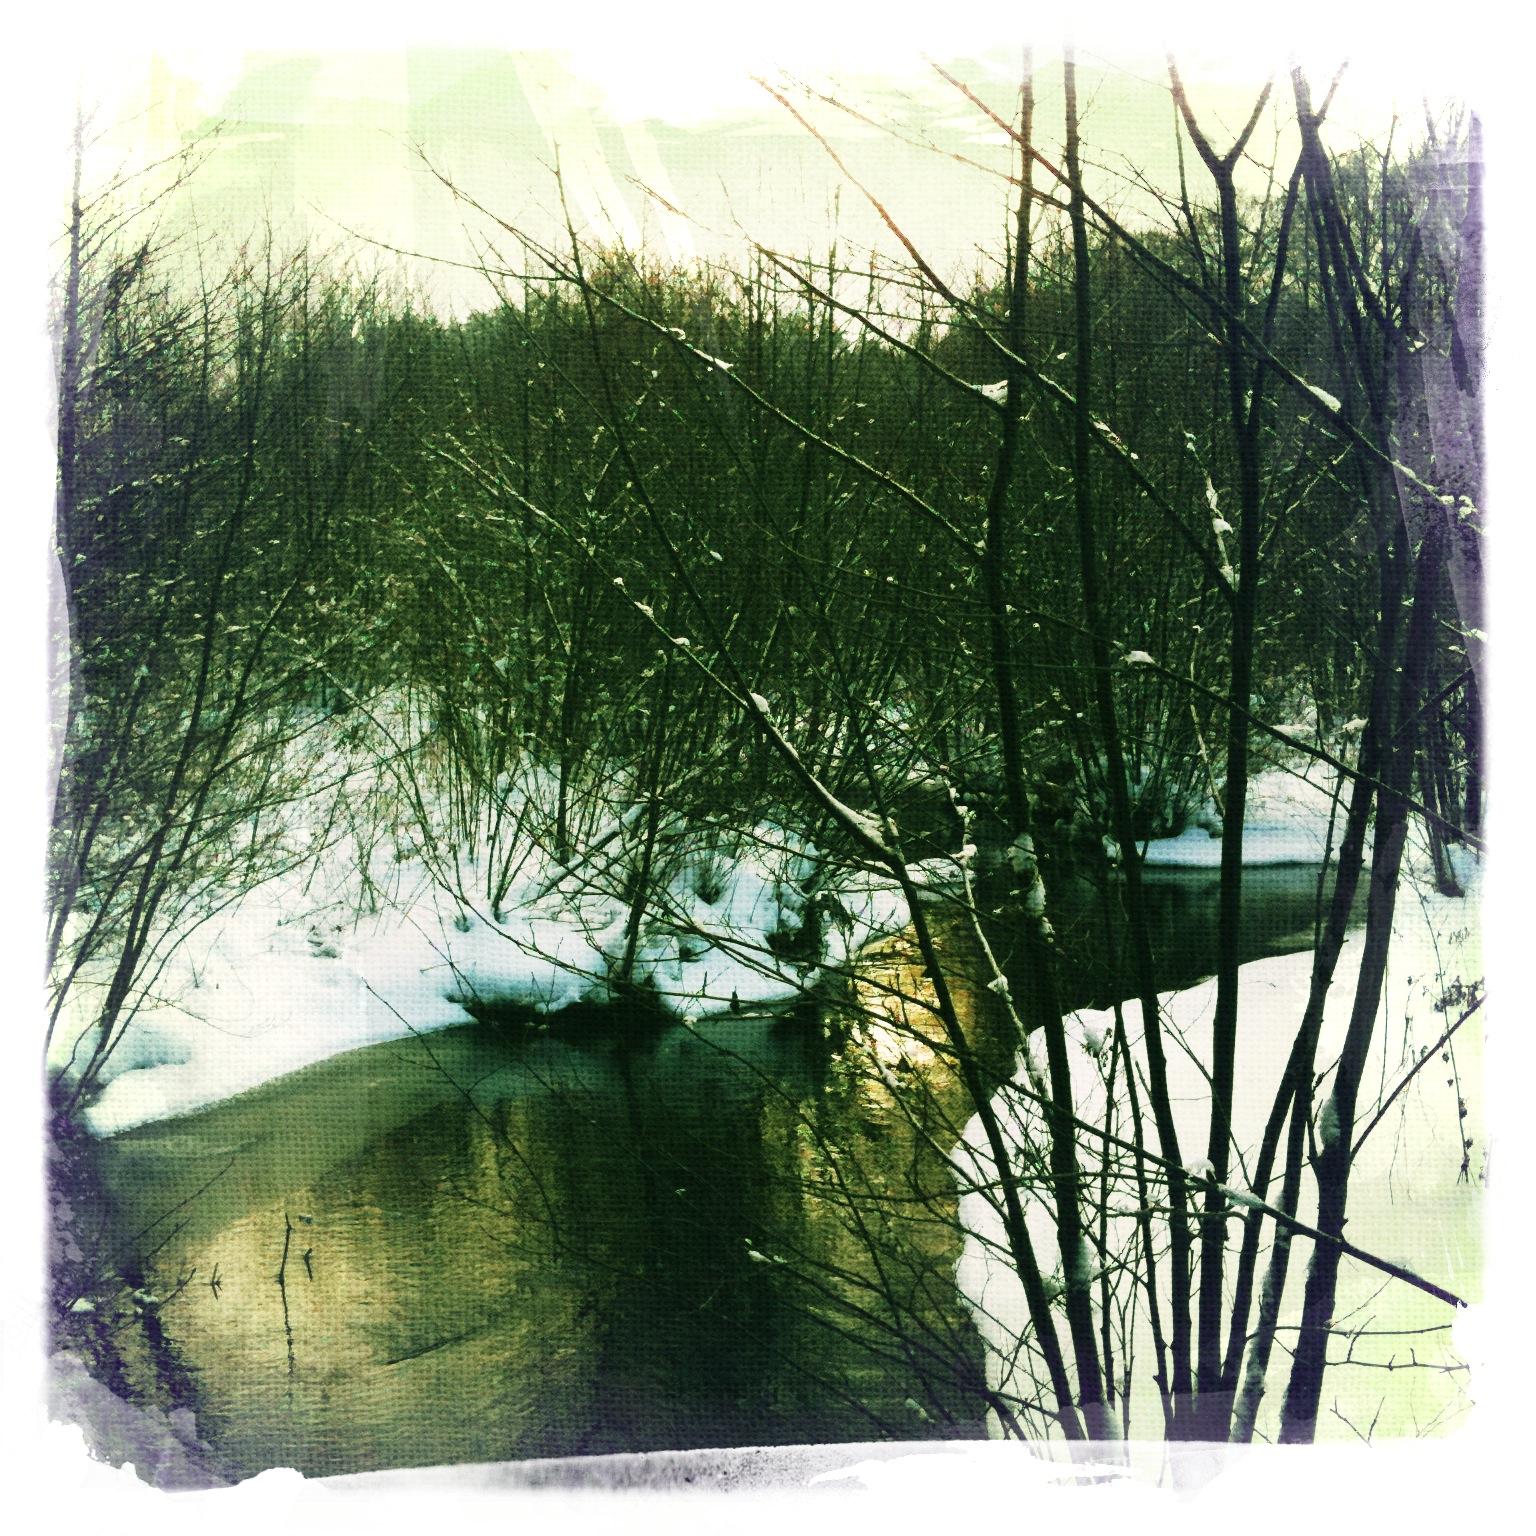 Wald-im-Winter-Briesetal-Brandenburg-4